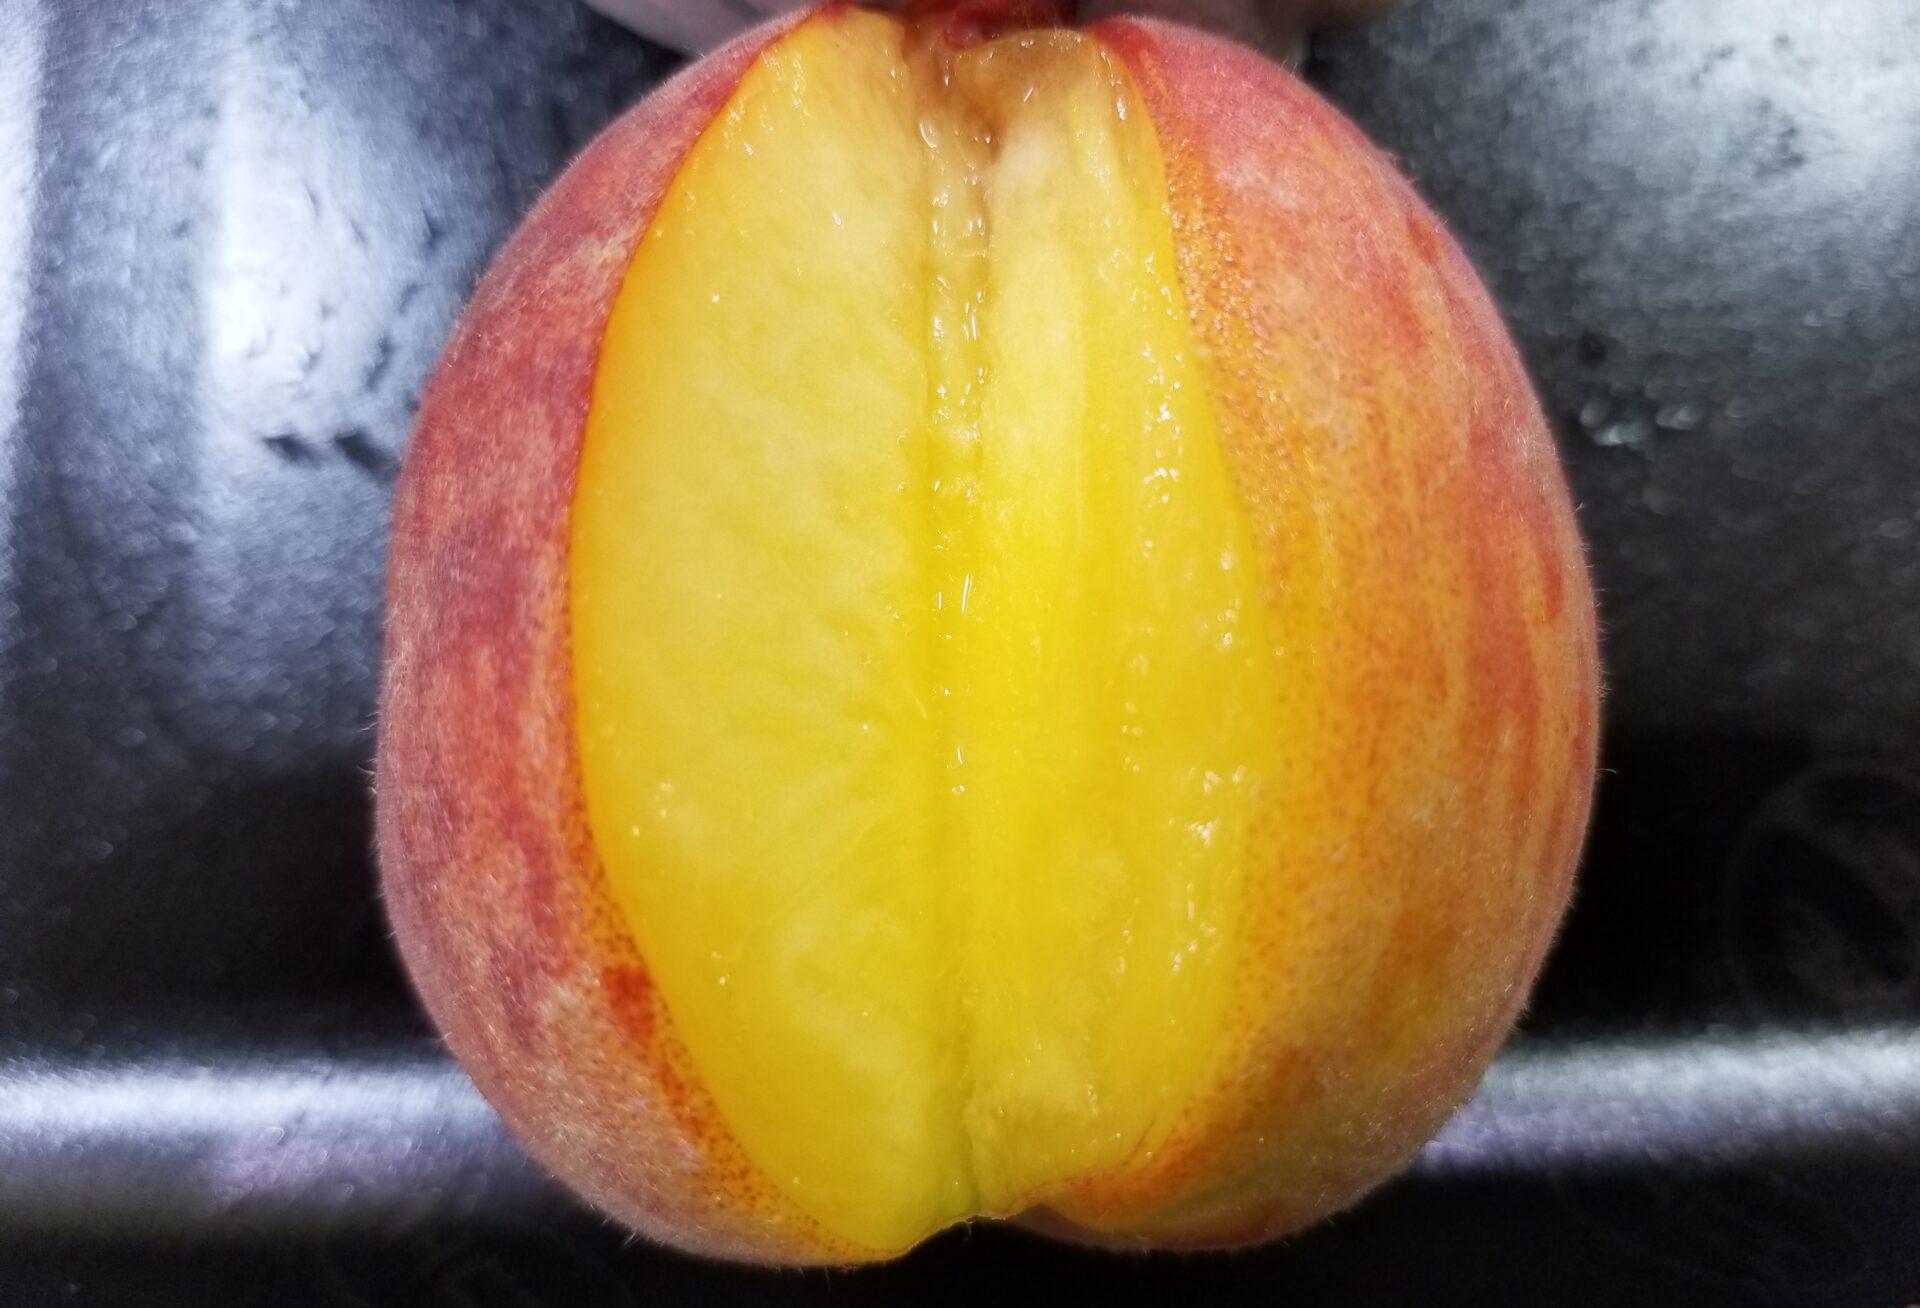 ひめこなつ桃の特徴/独特の黄色い果肉が特徴的【実食レビューあり】